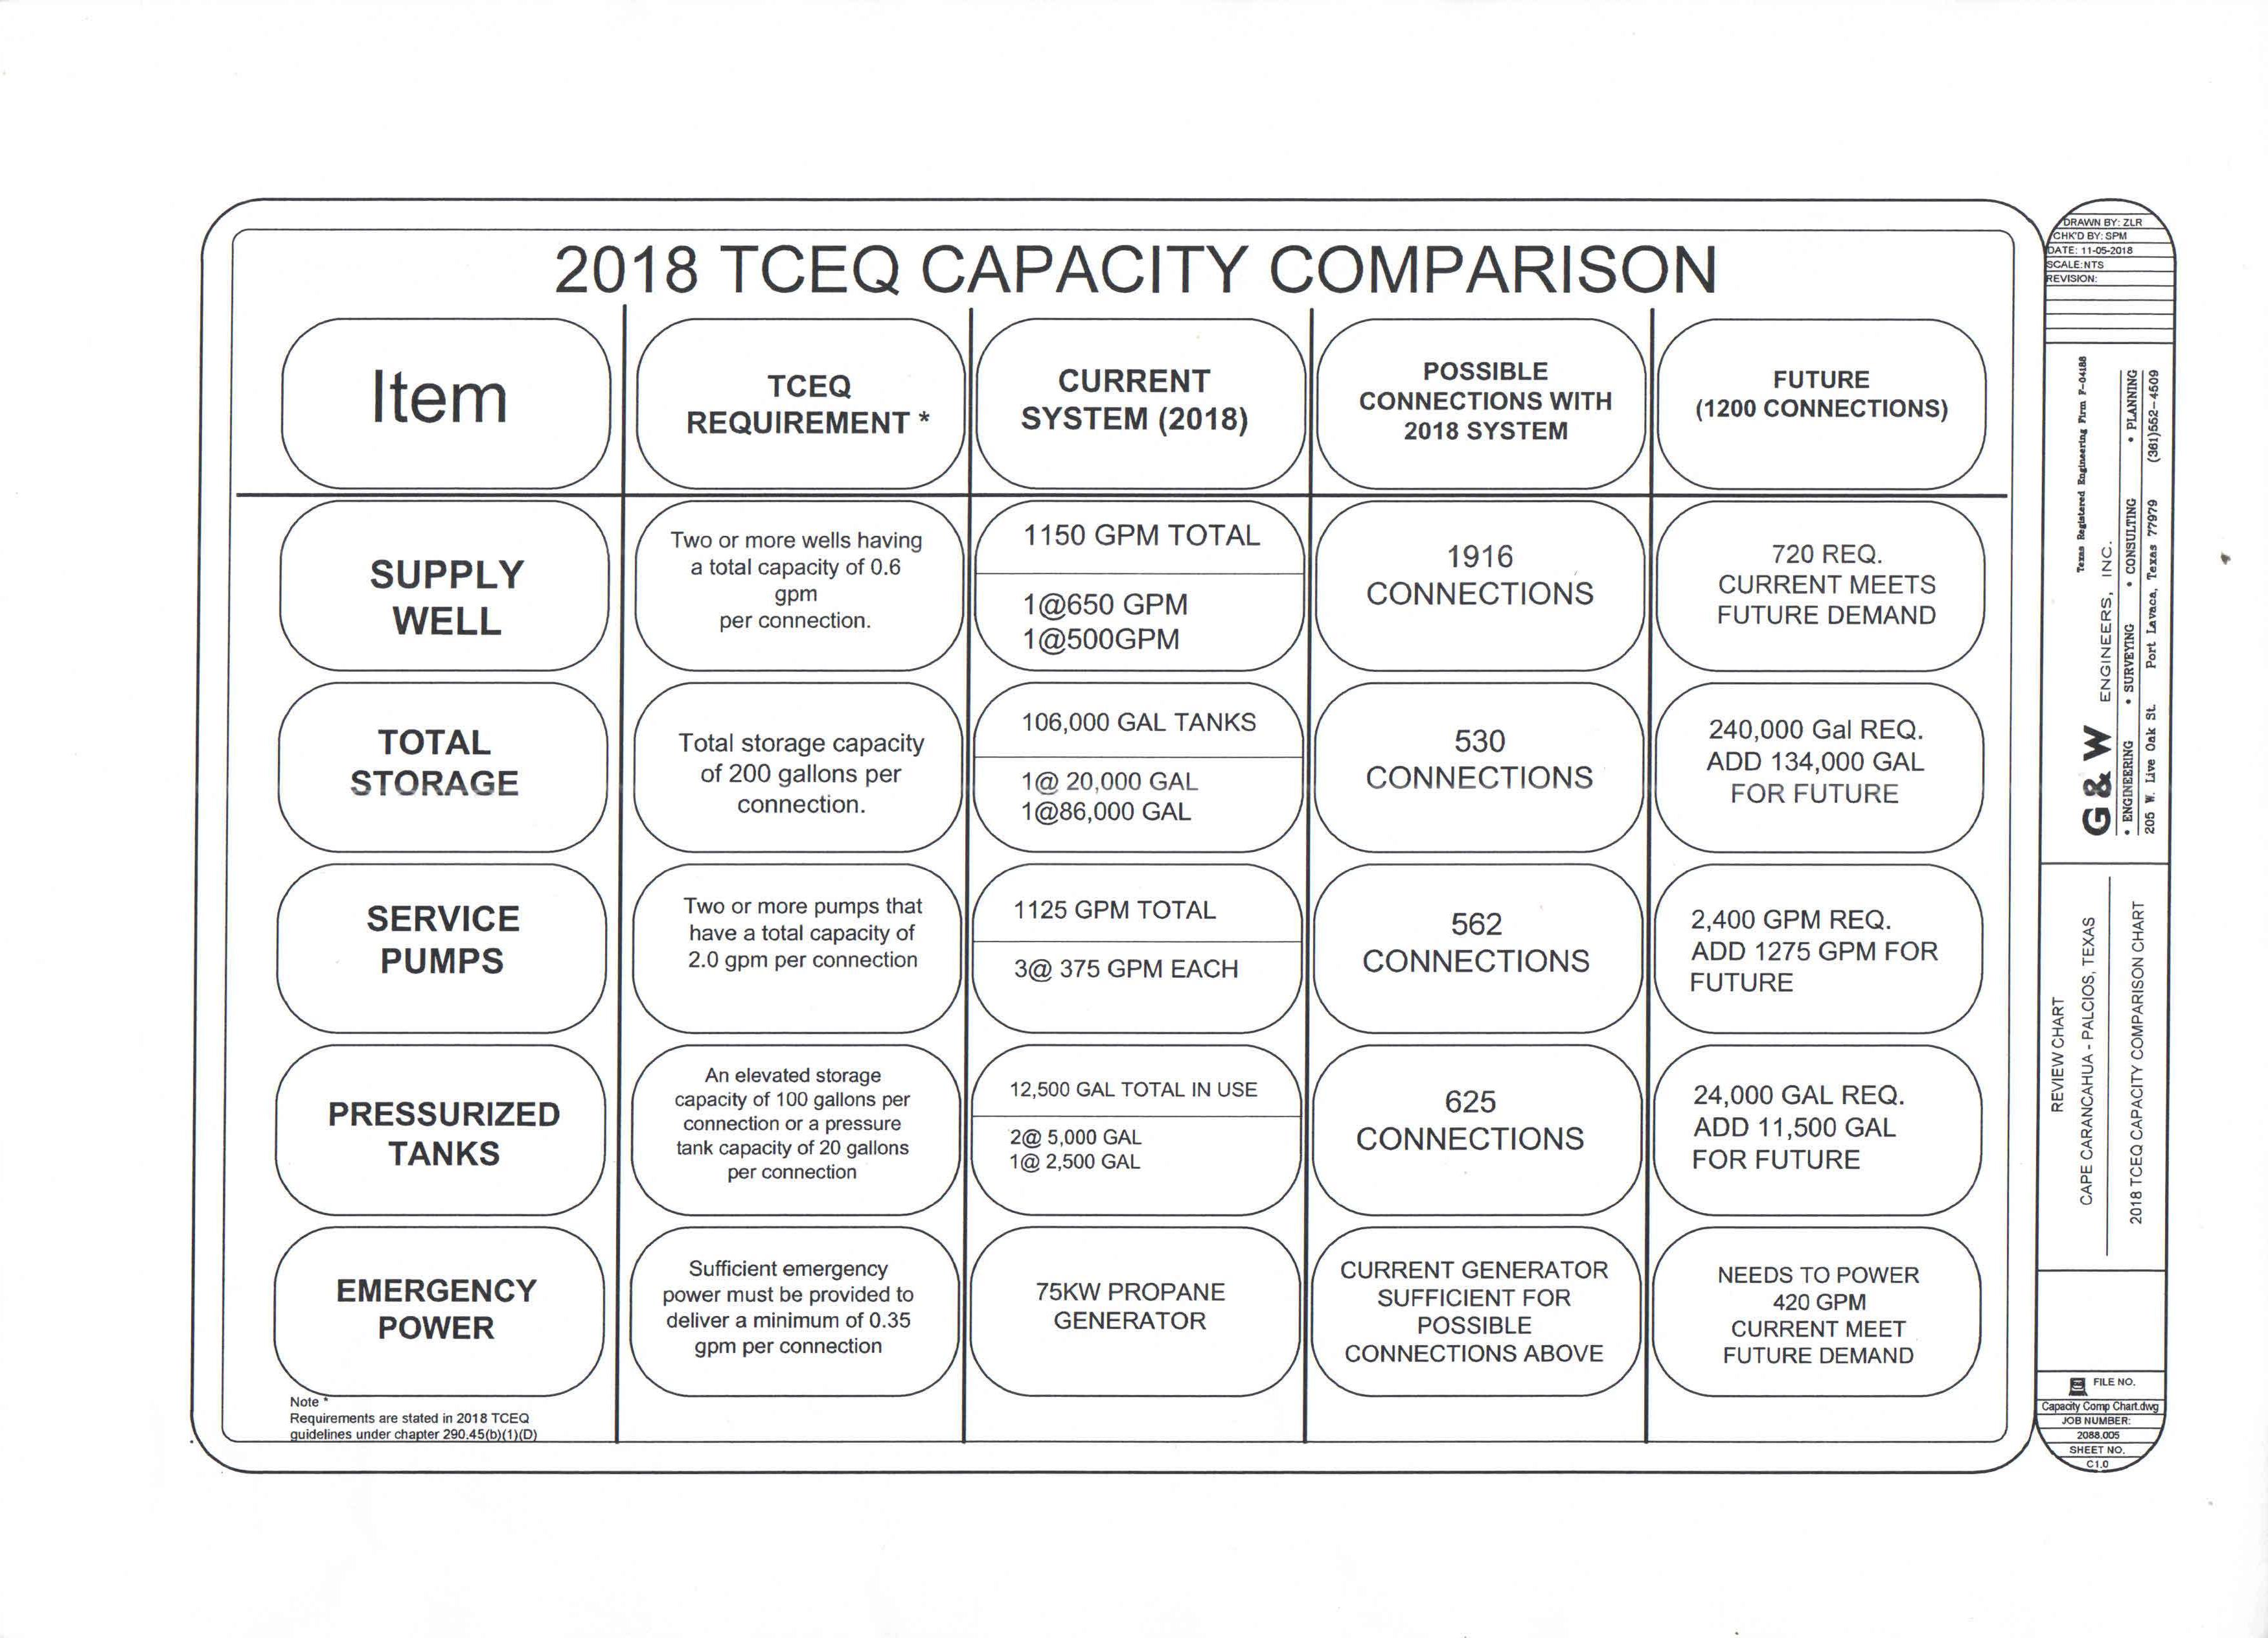 tceq-capacity-comparison-chart.jpg